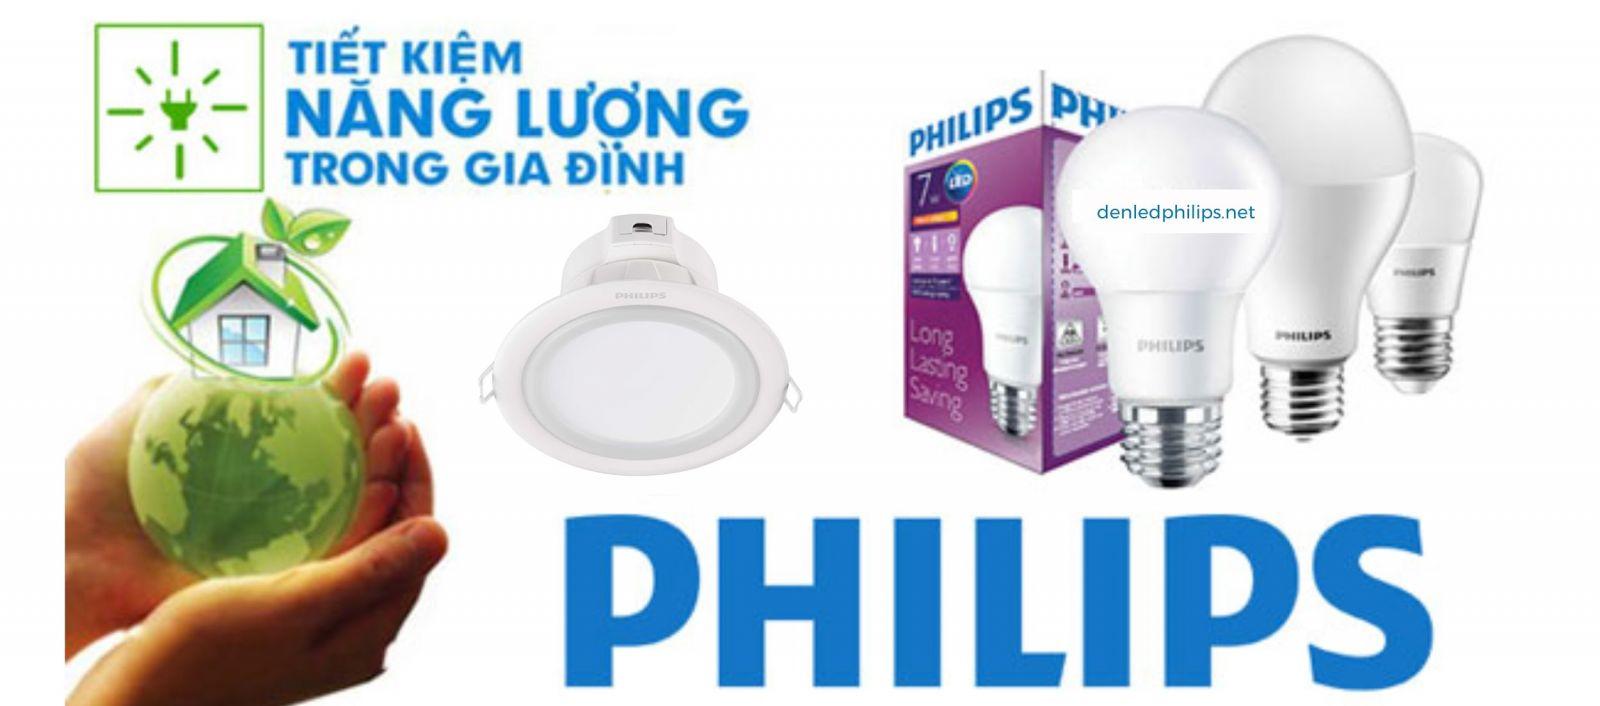 Đèn LED Philips tiết kiệm 50% điện năng so với đèn compact